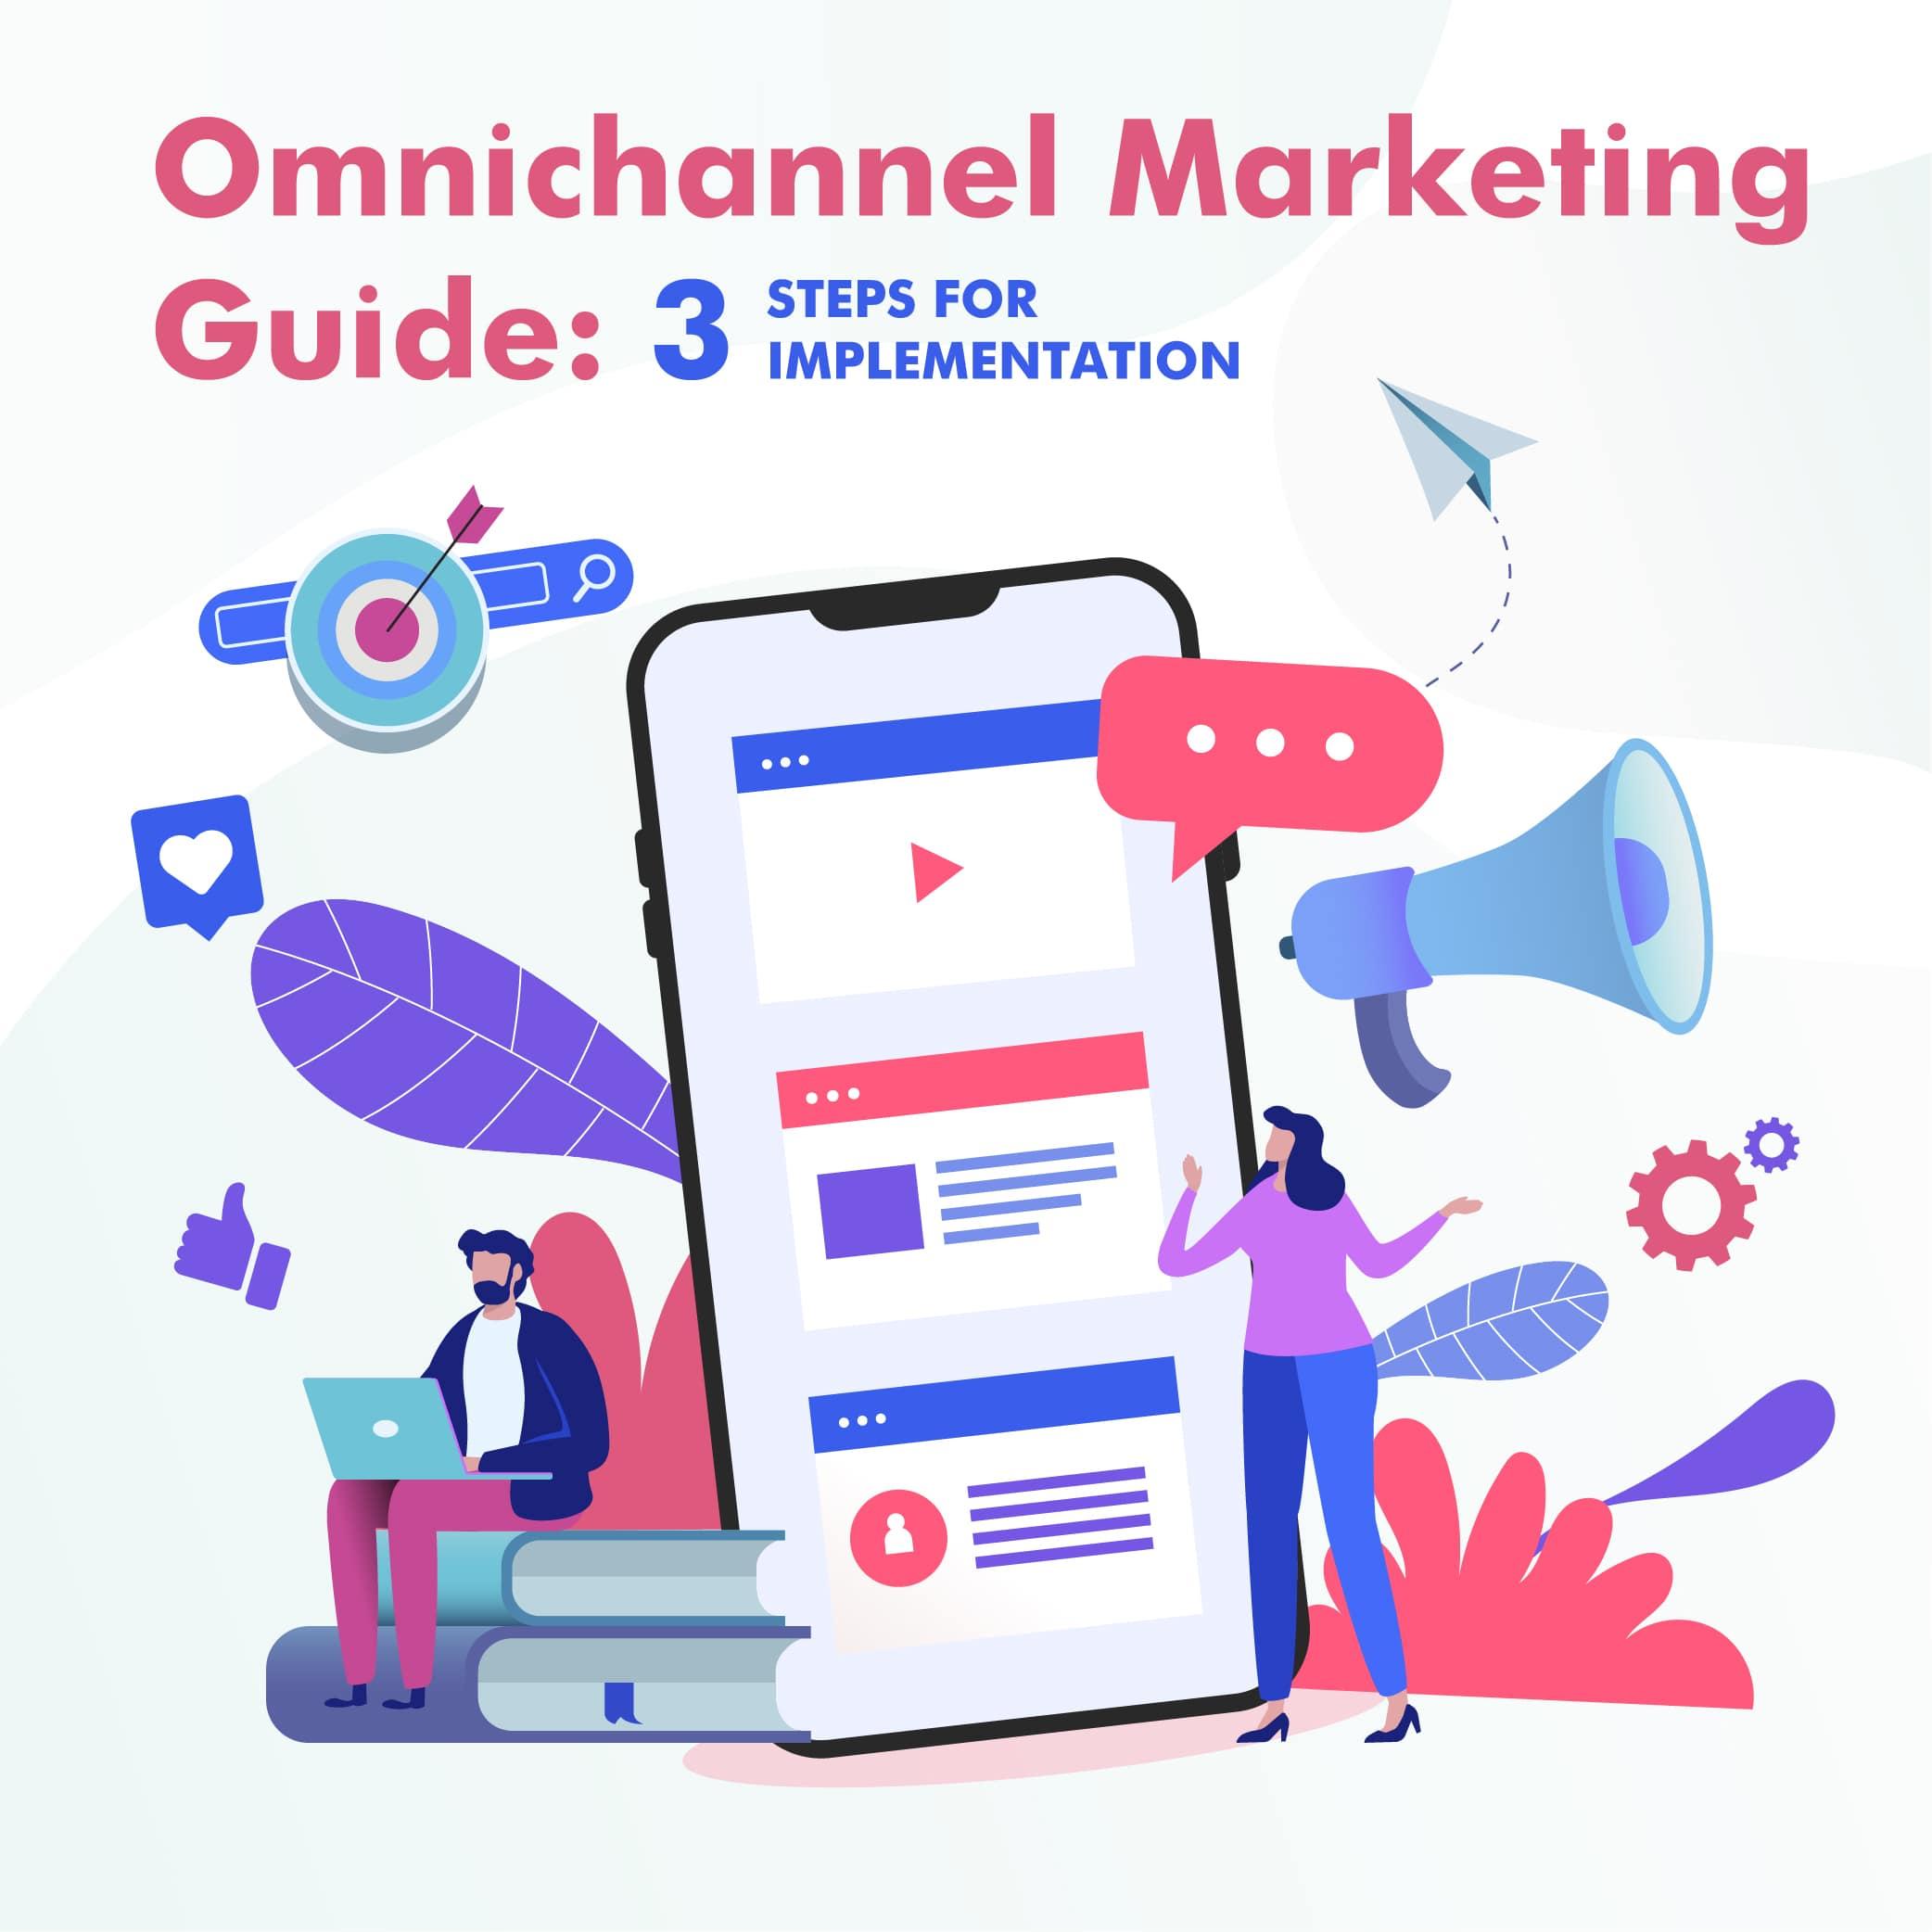 Omnichannel Marketing Guide – 3 Steps for Implementation